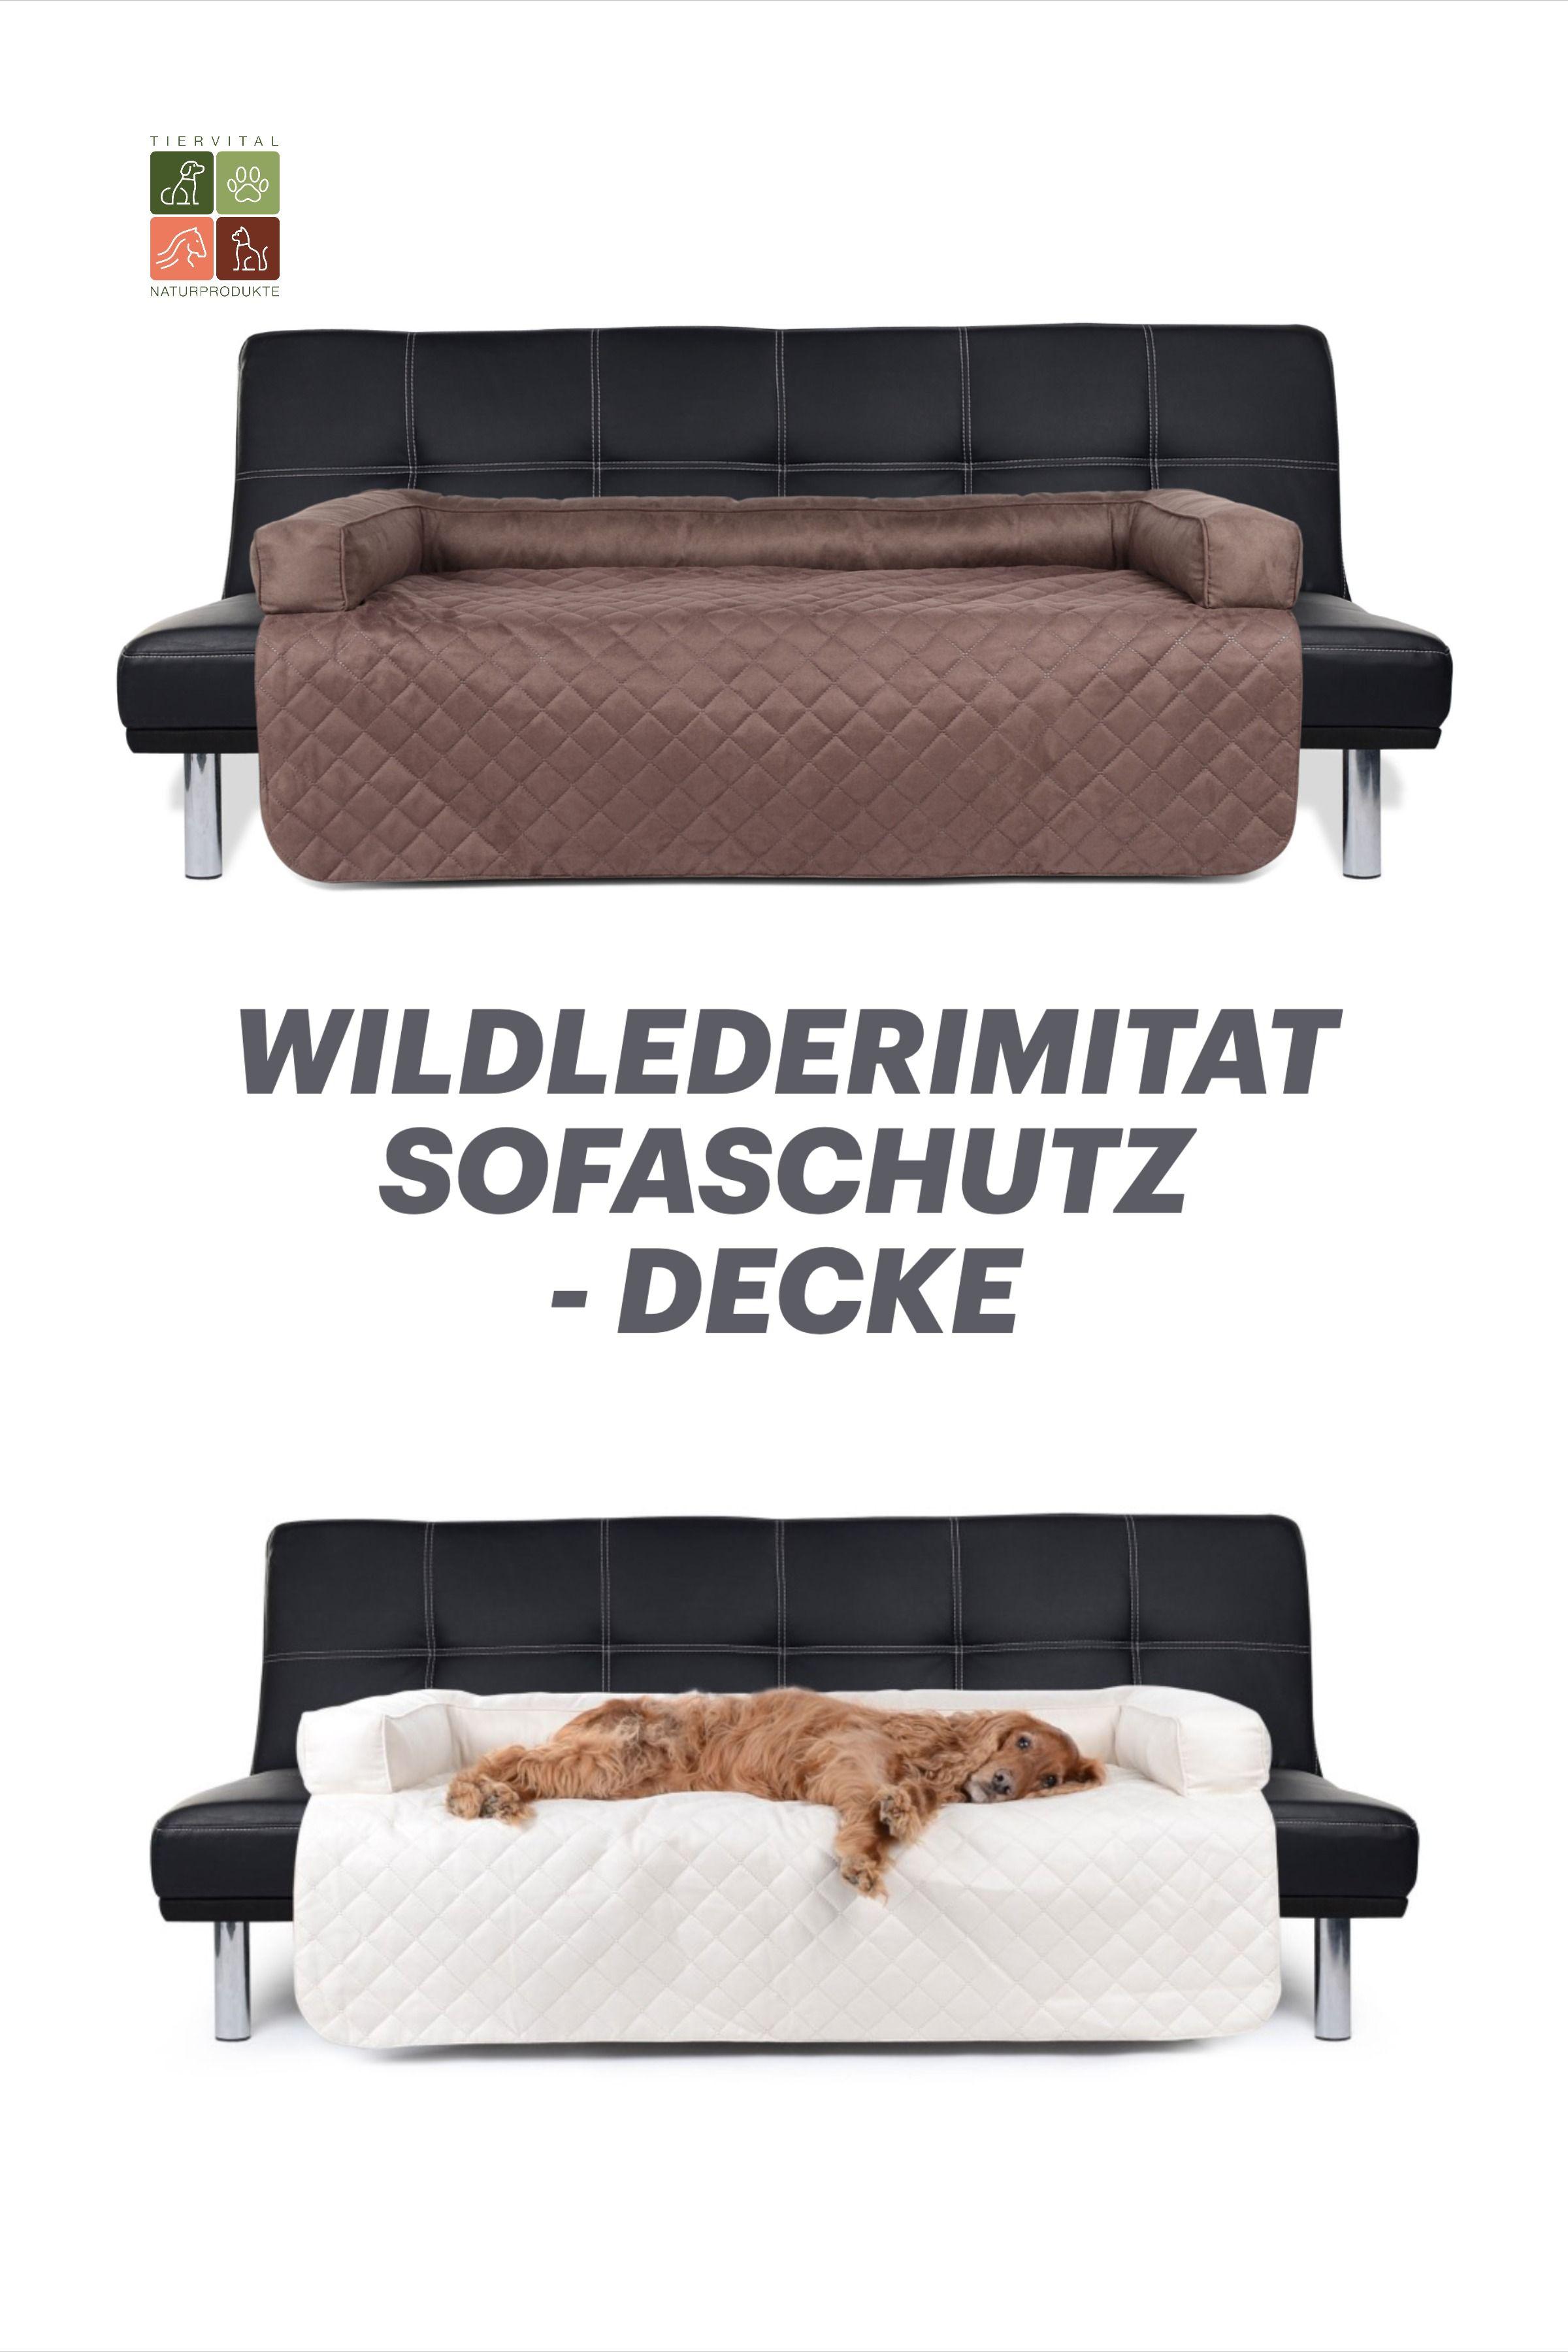 Sofaschutz Dakota Wildlederimitat In Trendigen Farben In 2020 Sofaschutz Hundekissen Schwarze Hunde